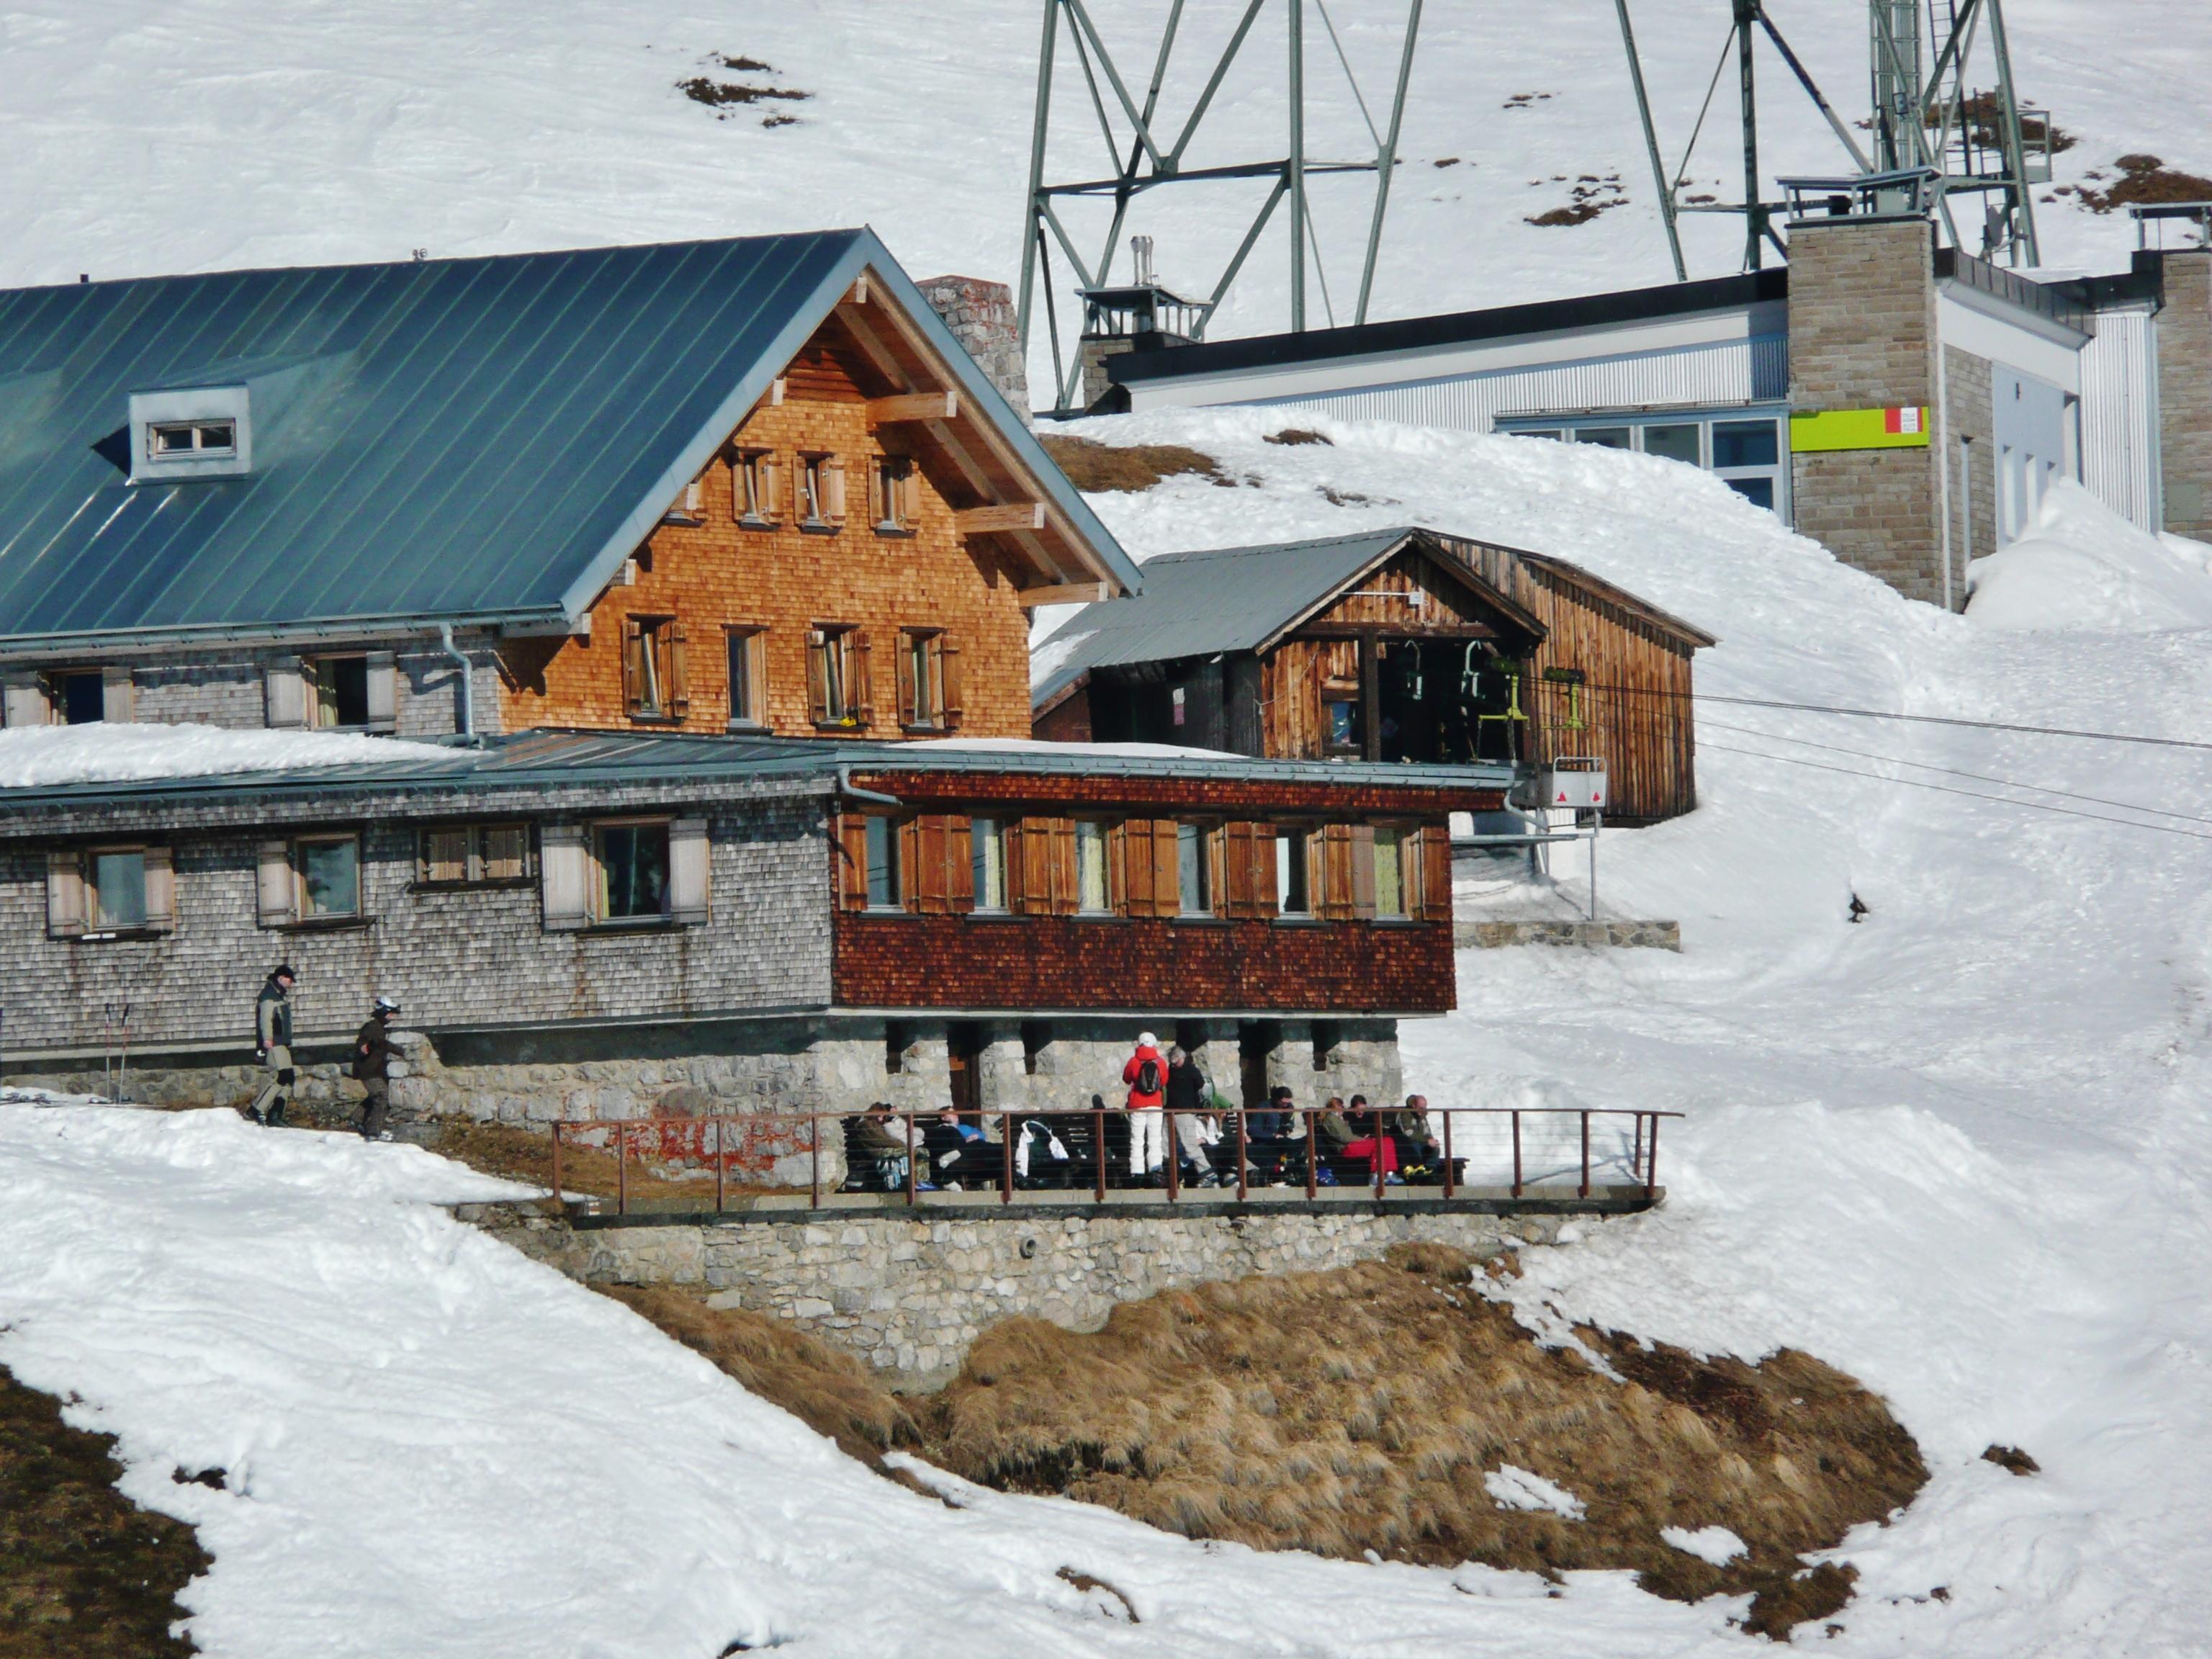 Ulmer hutte - alpenverein